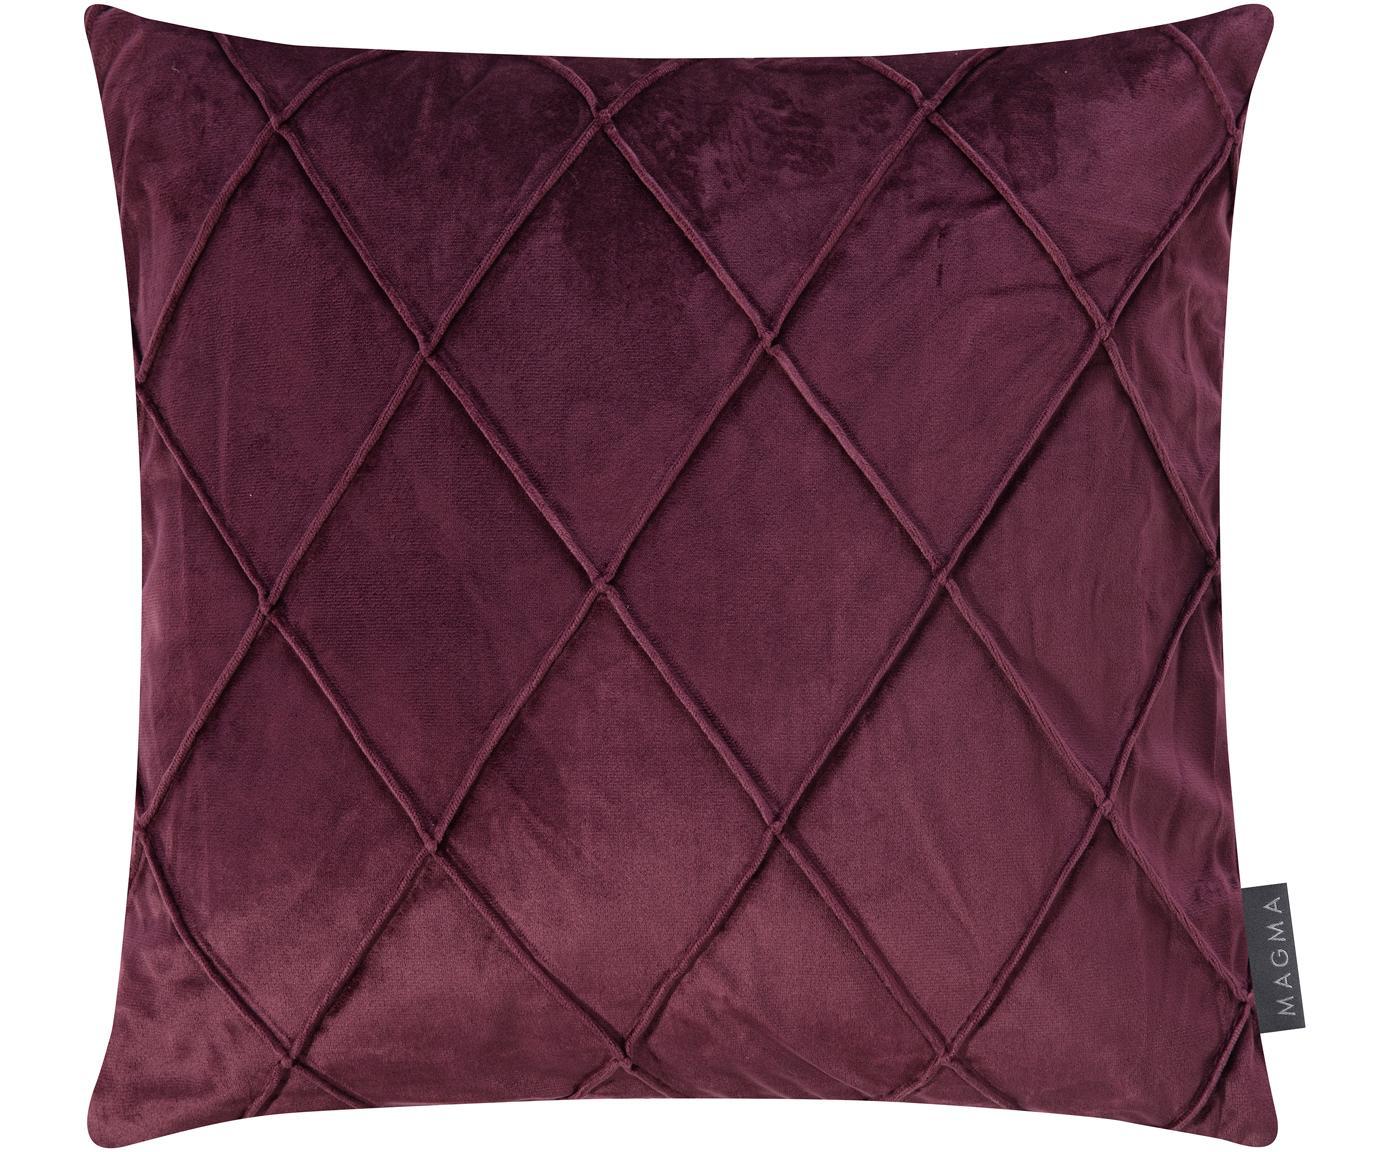 Fluwelen kussenhoes Nobless met verhoogd ruitjesmotief, 100% polyester fluweel, Wijnrood, 40 x 40 cm